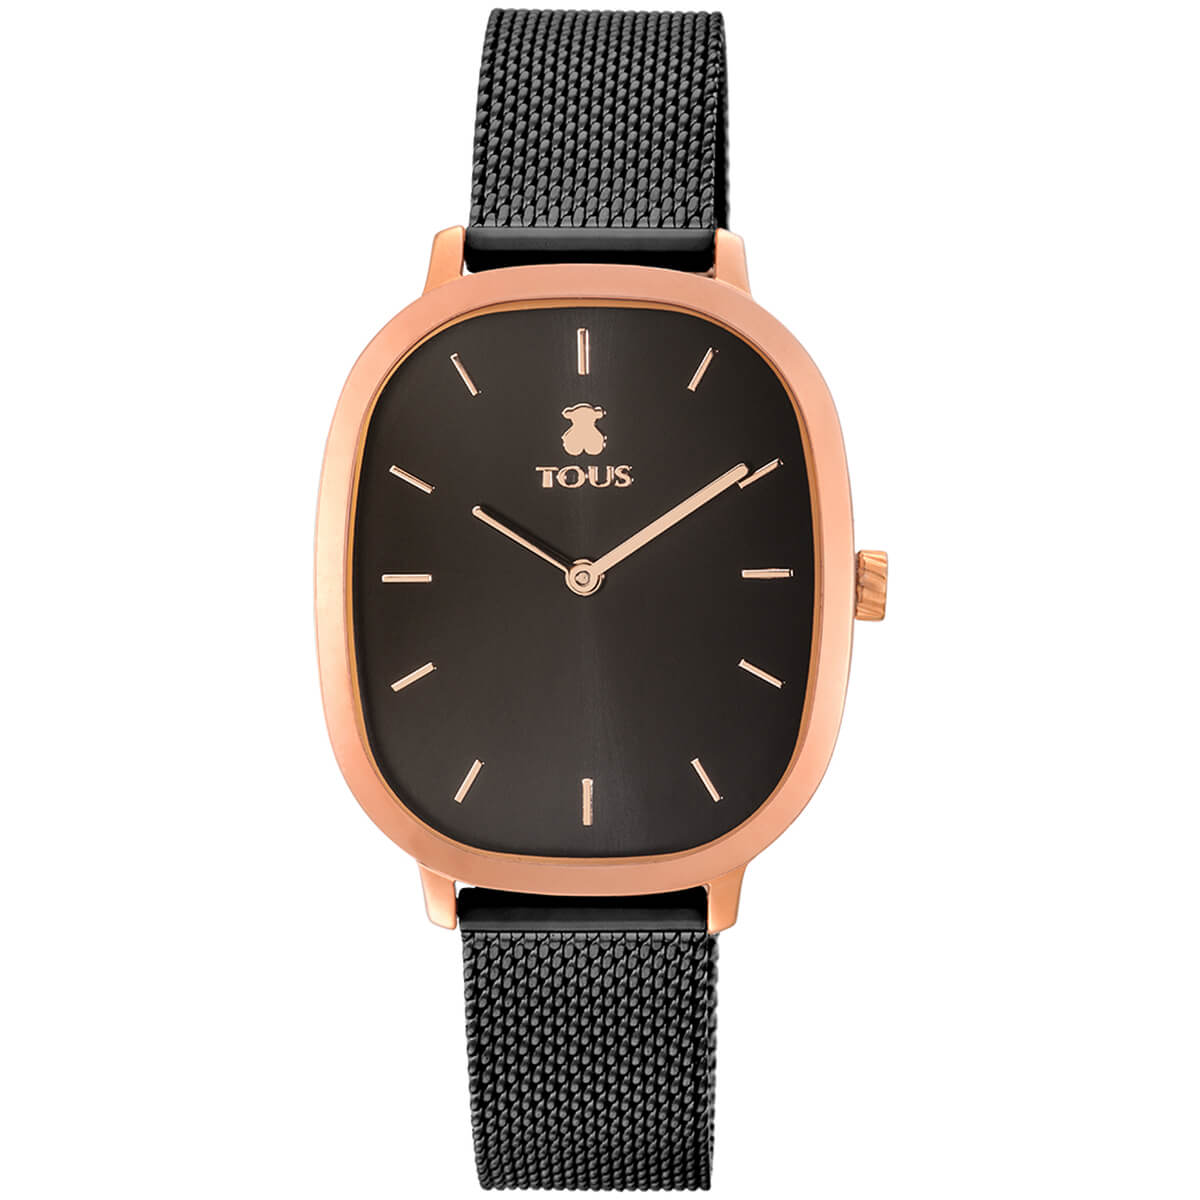 Reloj Tous con cadena de malla en color negro caja color rose con fondo de la esfera en color negro. Indices y agujas en color rosa